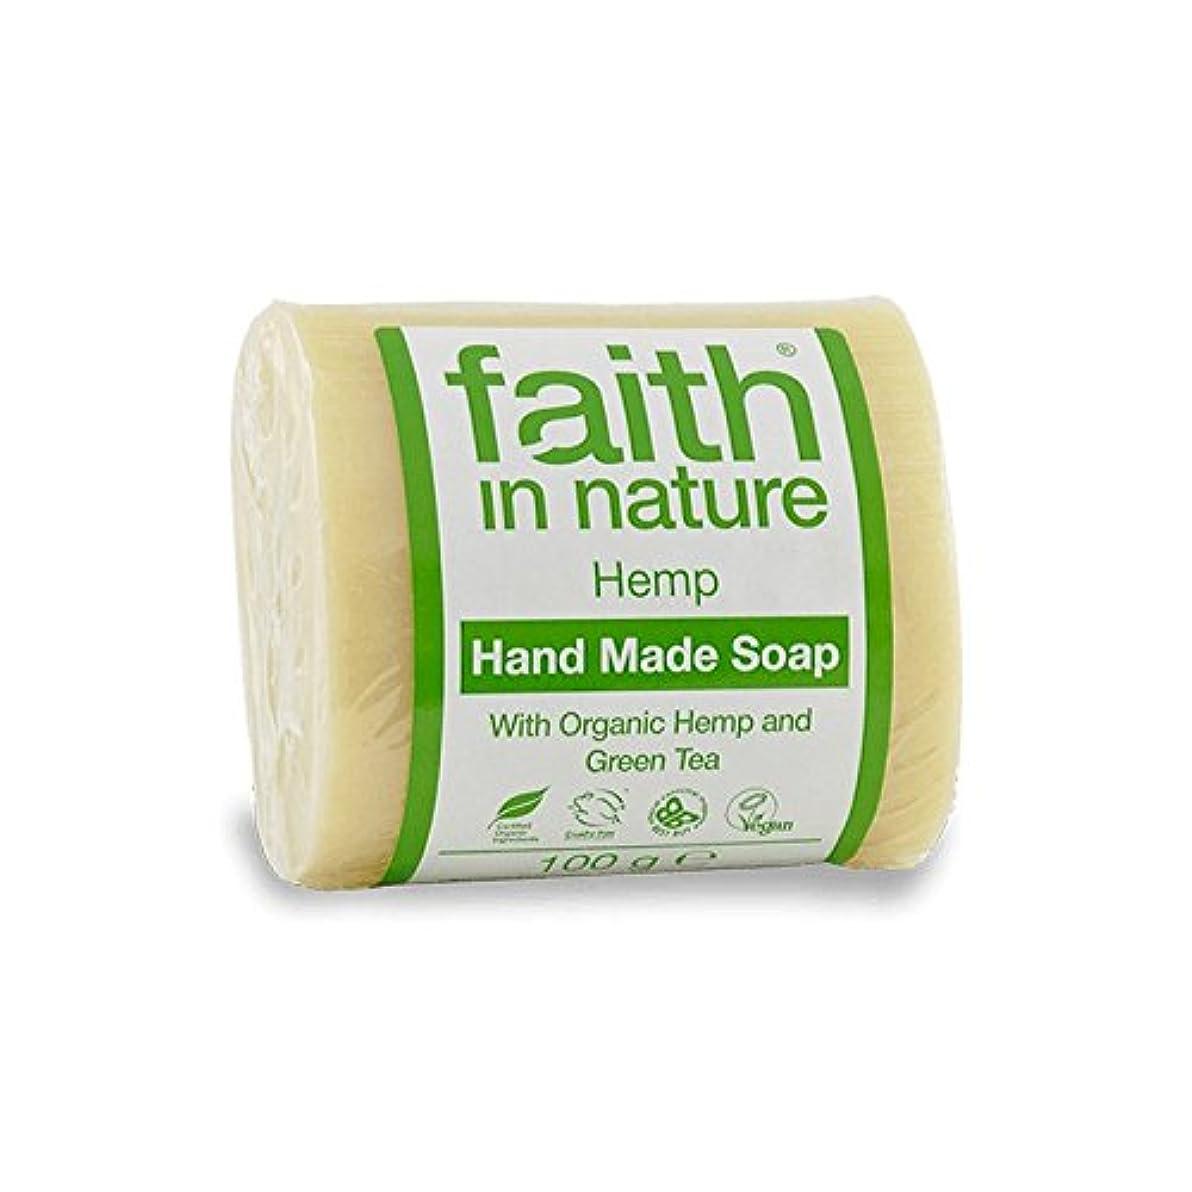 因子施し連隊Faith in Nature Hemp with Green Tea Soap 100g (Pack of 2) - 緑茶石鹸100グラムと自然の麻の信仰 (x2) [並行輸入品]